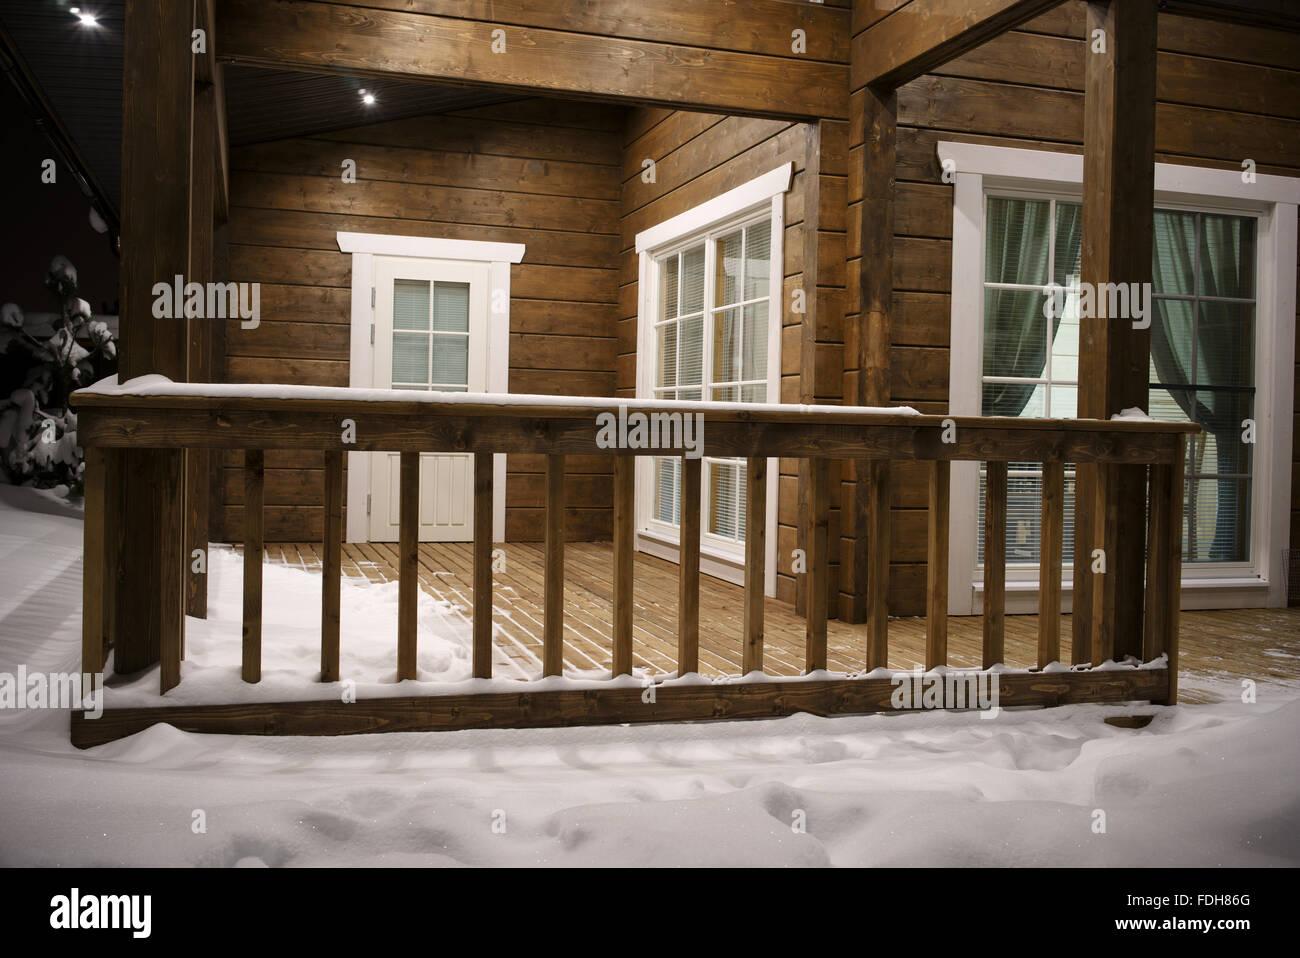 Bezaubernd Haus Mit Veranda Referenz Von Blick Auf Das Veranda, Nahaufnahme, Nacht Im